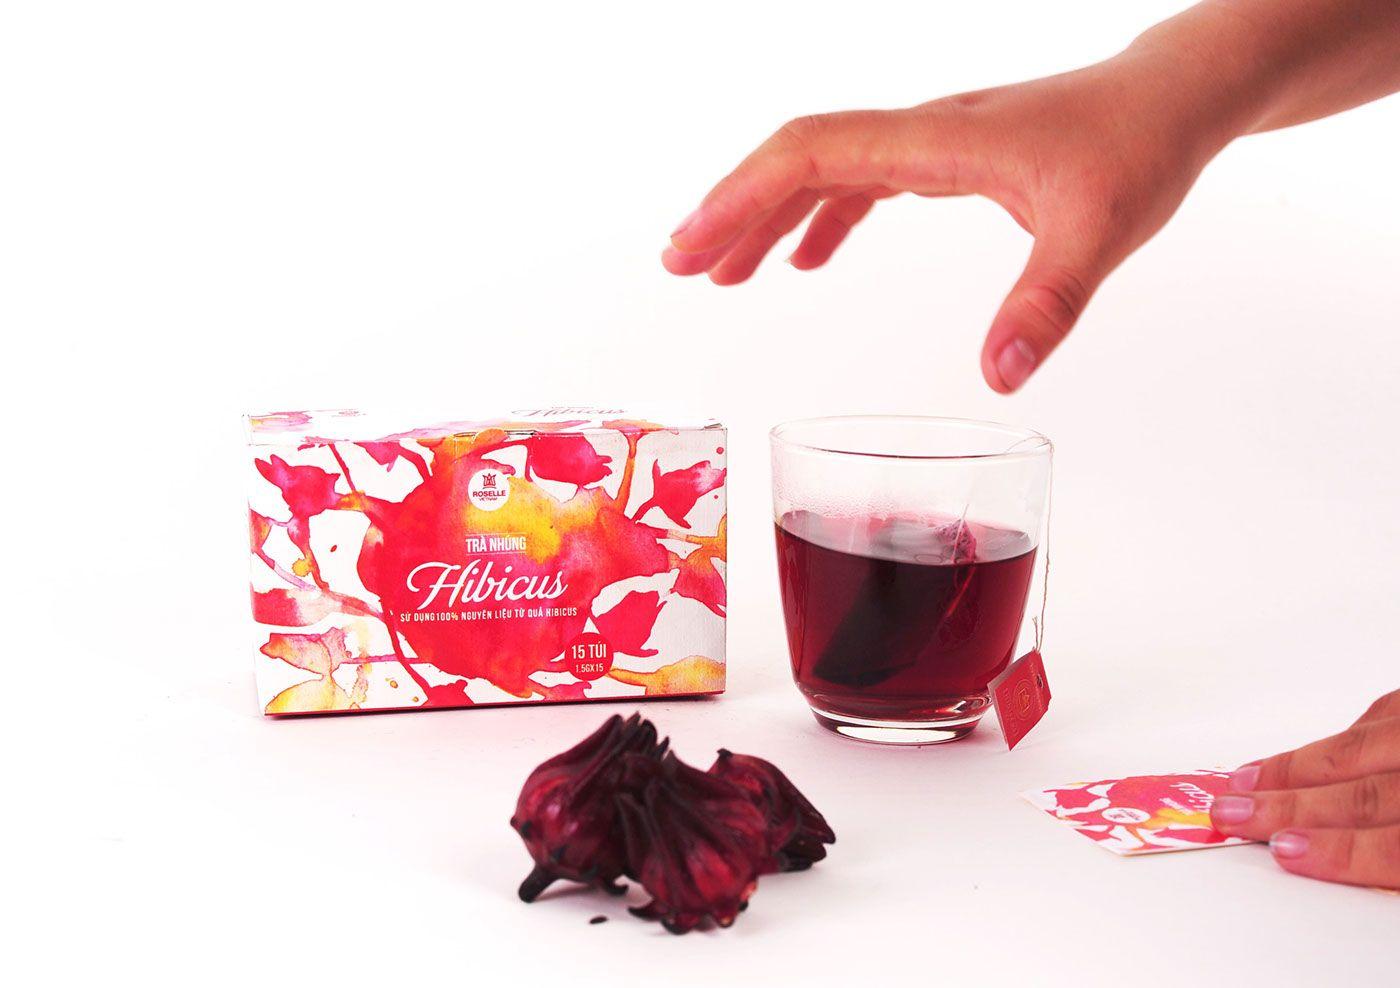 Roselle Vietnam Redesign On Behance Brand Packaging Roselle Packaging Design